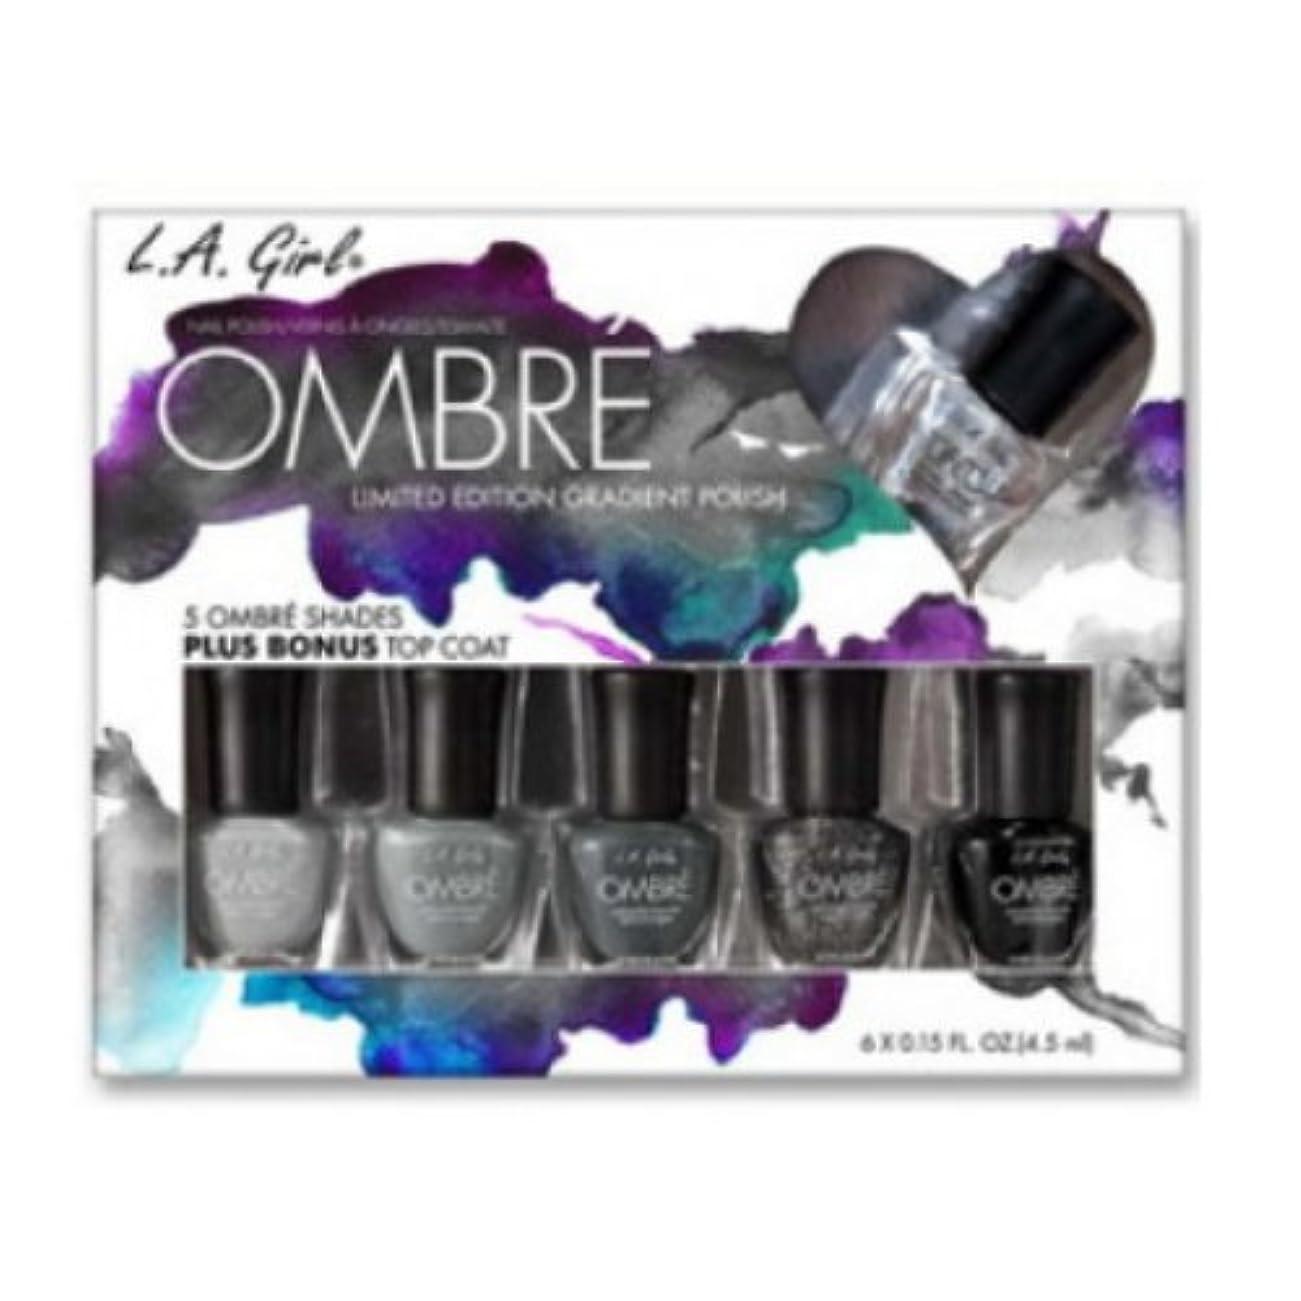 法王支援する反乱(3 Pack) L.A. GIRL Ombre Limited Edition Gradient Polish Set - Midnite (並行輸入品)